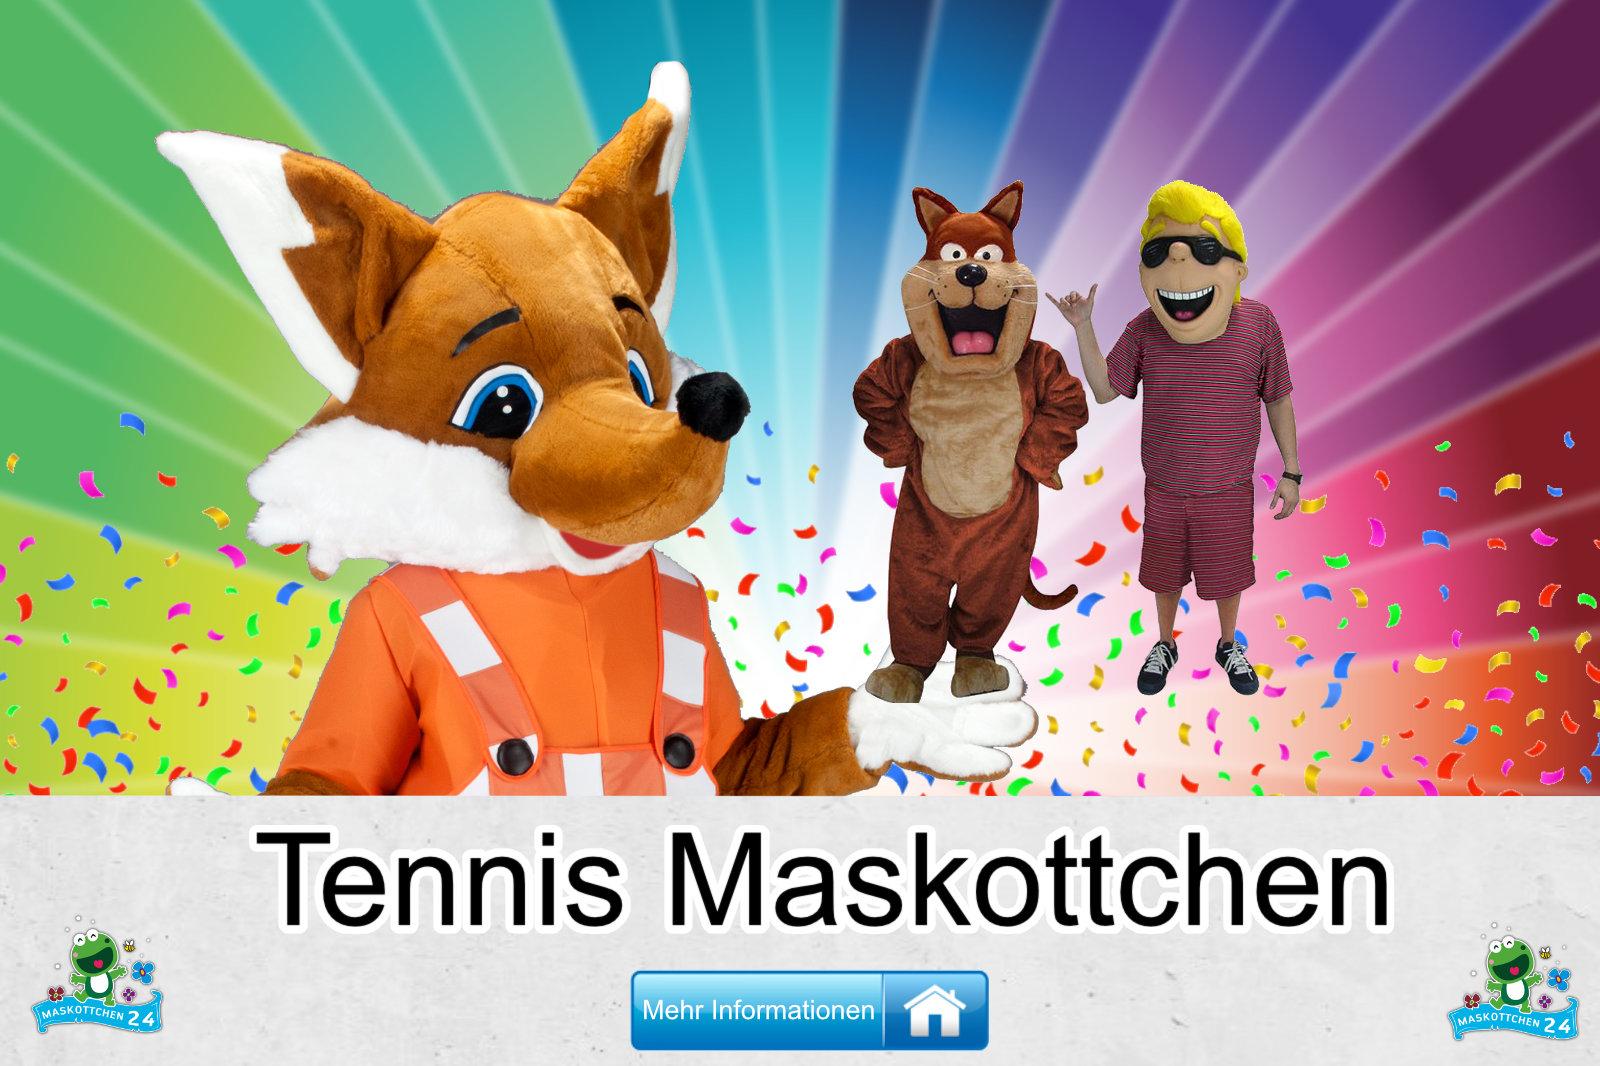 Kostüm Maskottchen Günstig Kaufen Tennis